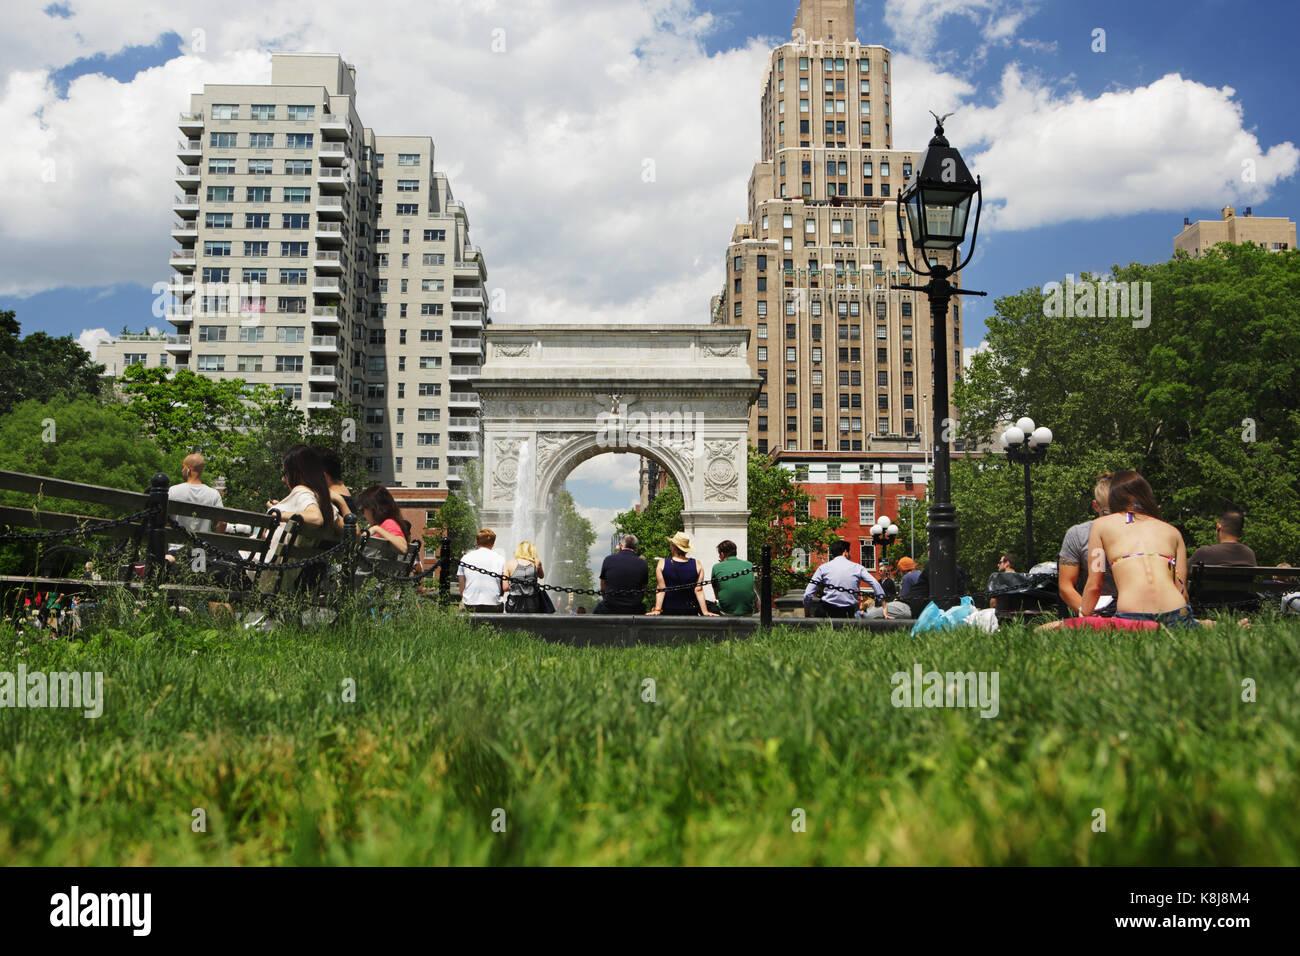 New York, NY, USA - 1 juin 2017: les touristes et les habitants de new york profitez d'une journée Photo Stock